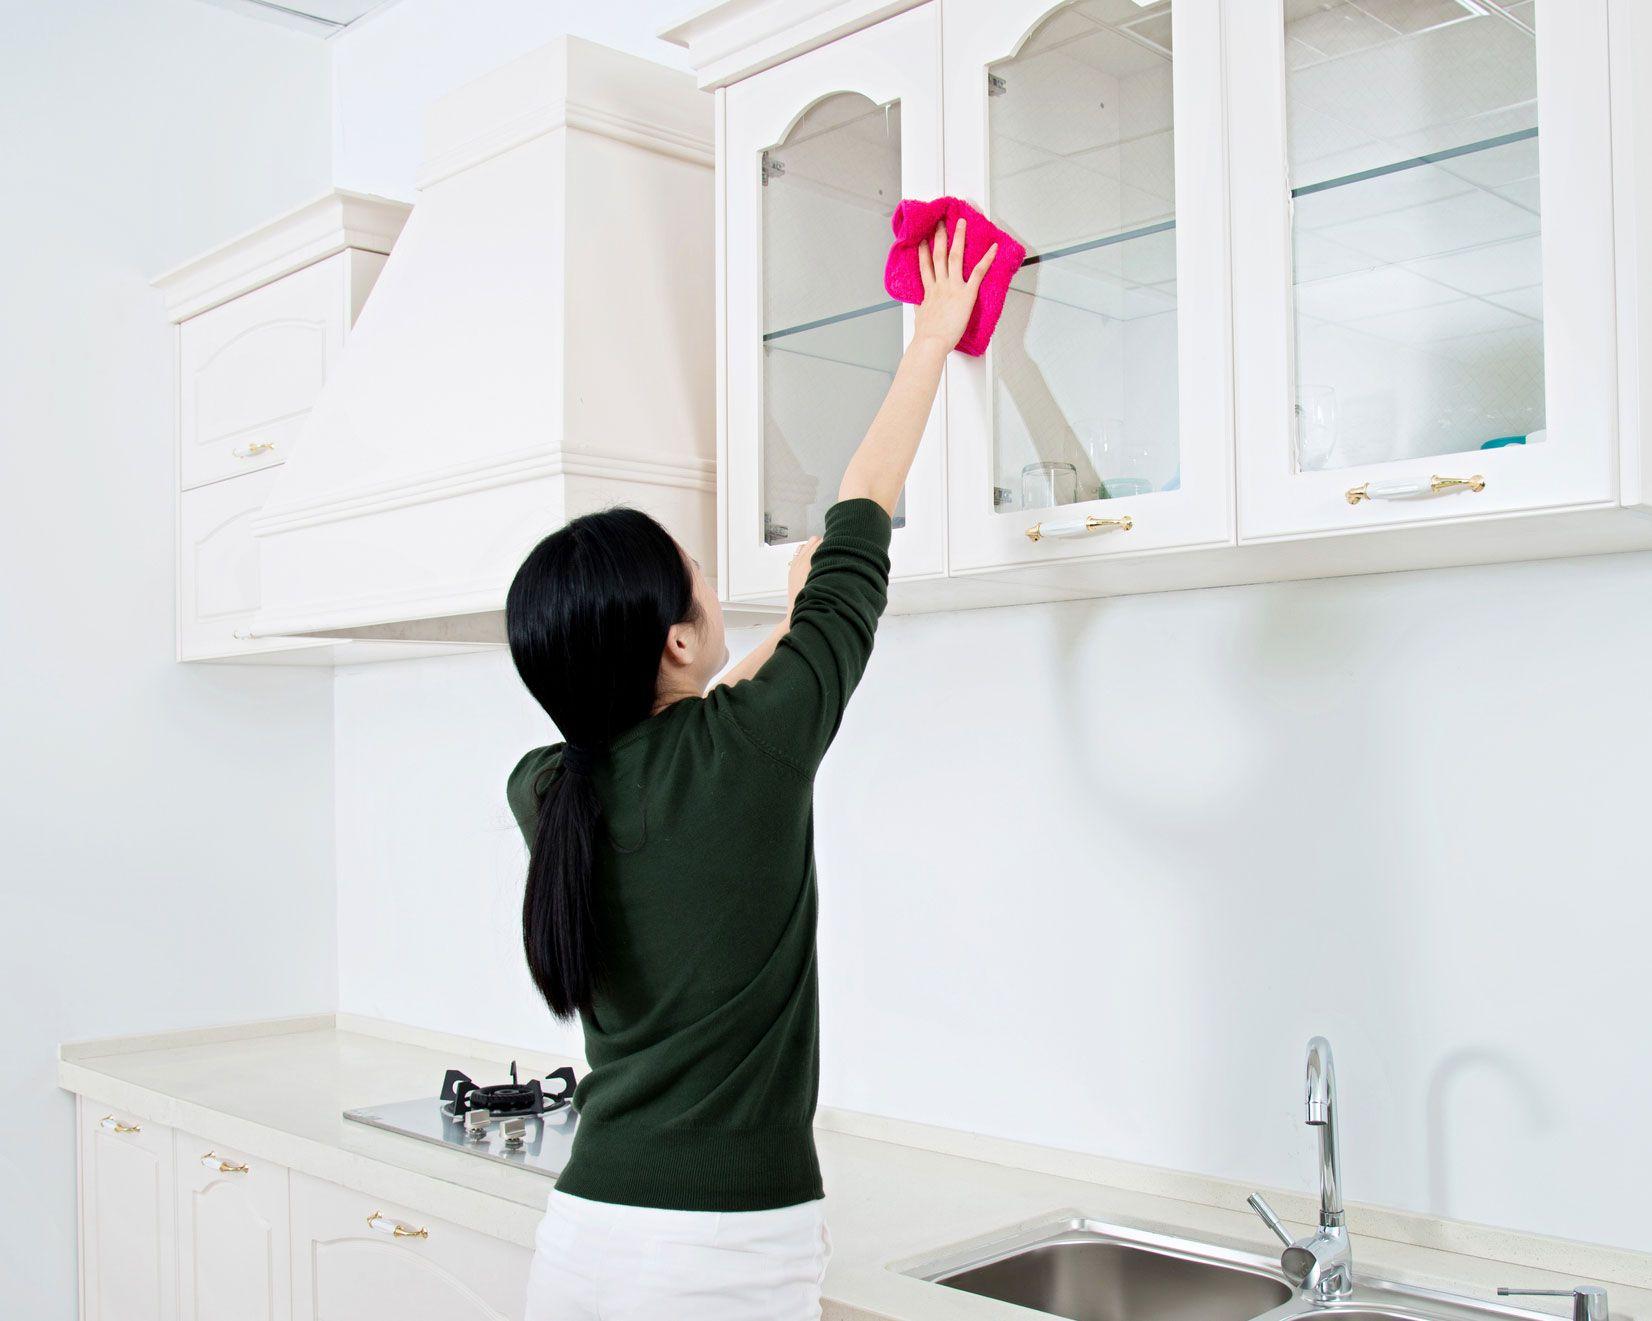 Lịch trình dọn dẹp vào thứ bảy khi bạn không dọn dẹp cả tuần